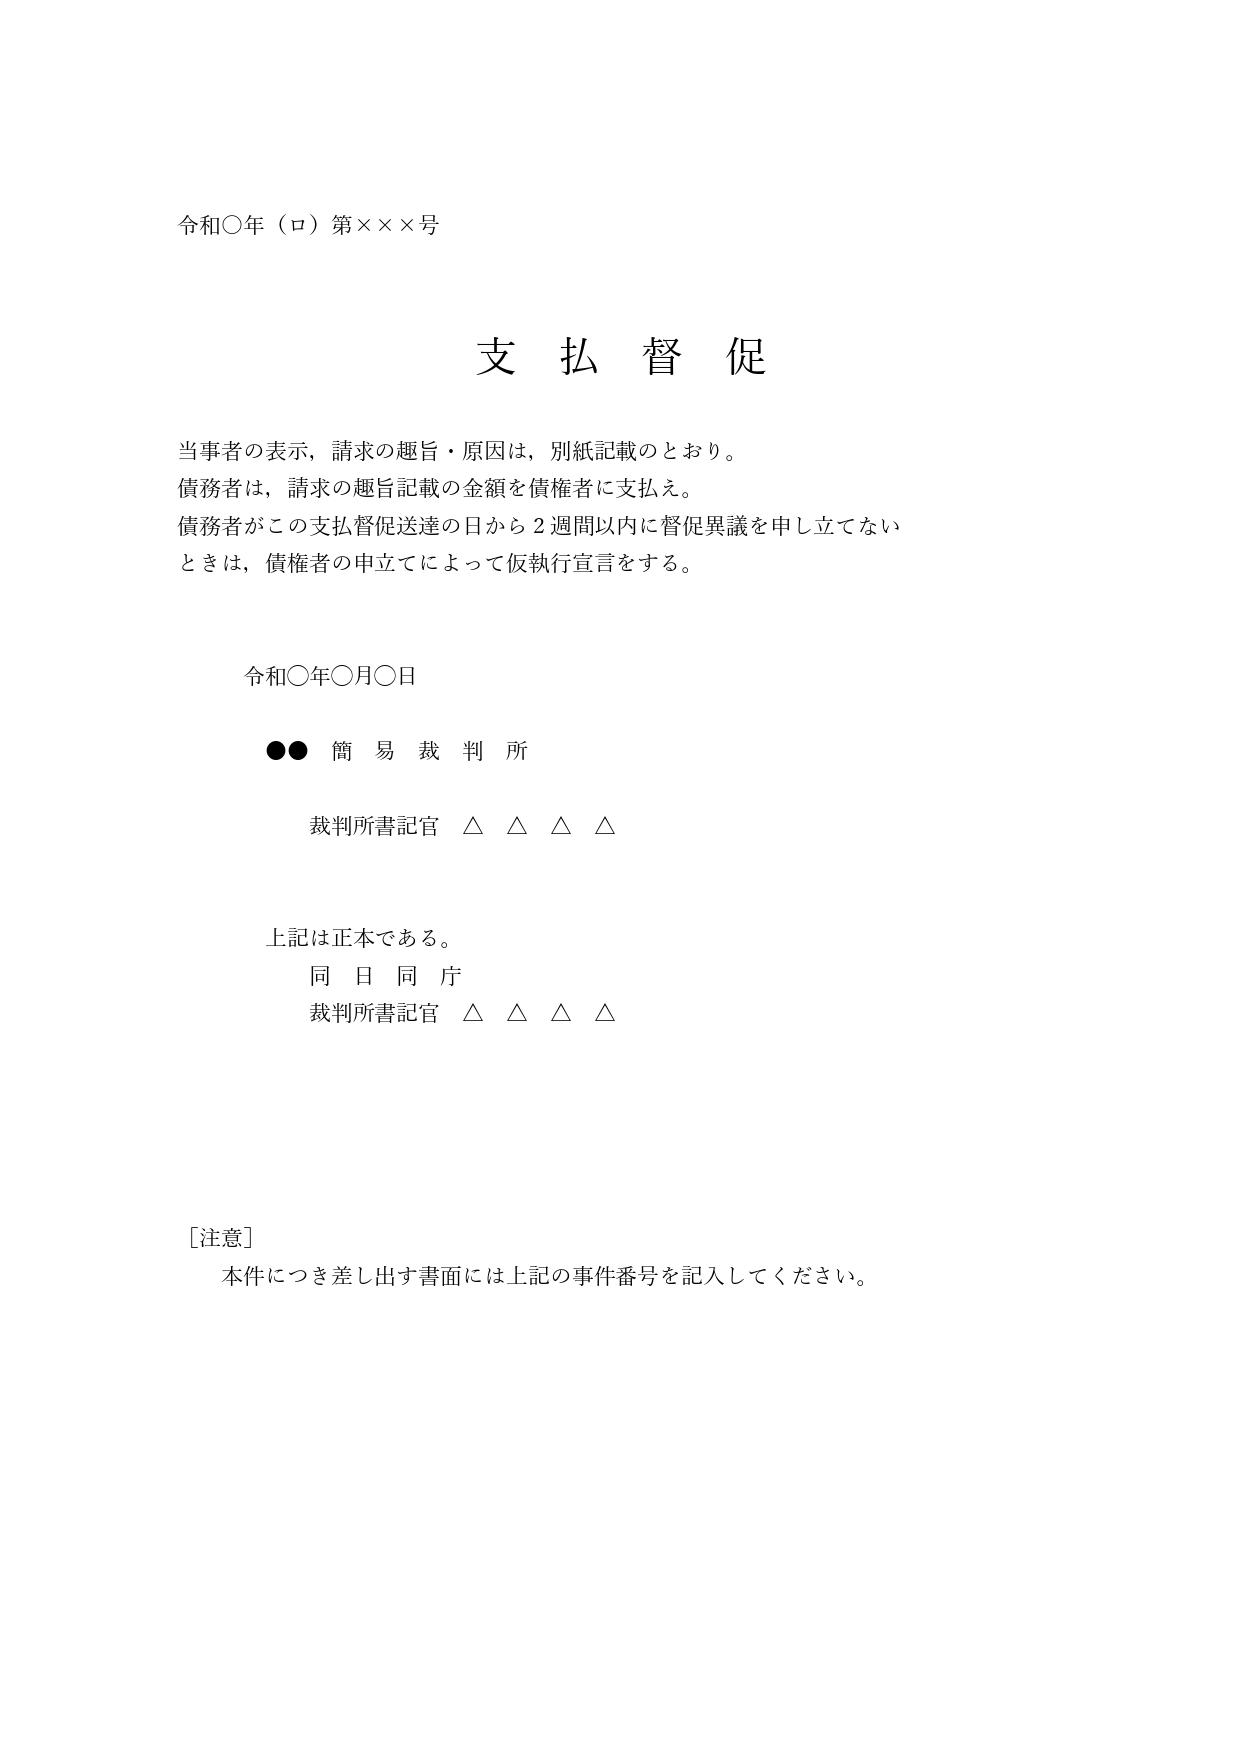 支払督促(テンプレのみ)_page-0001